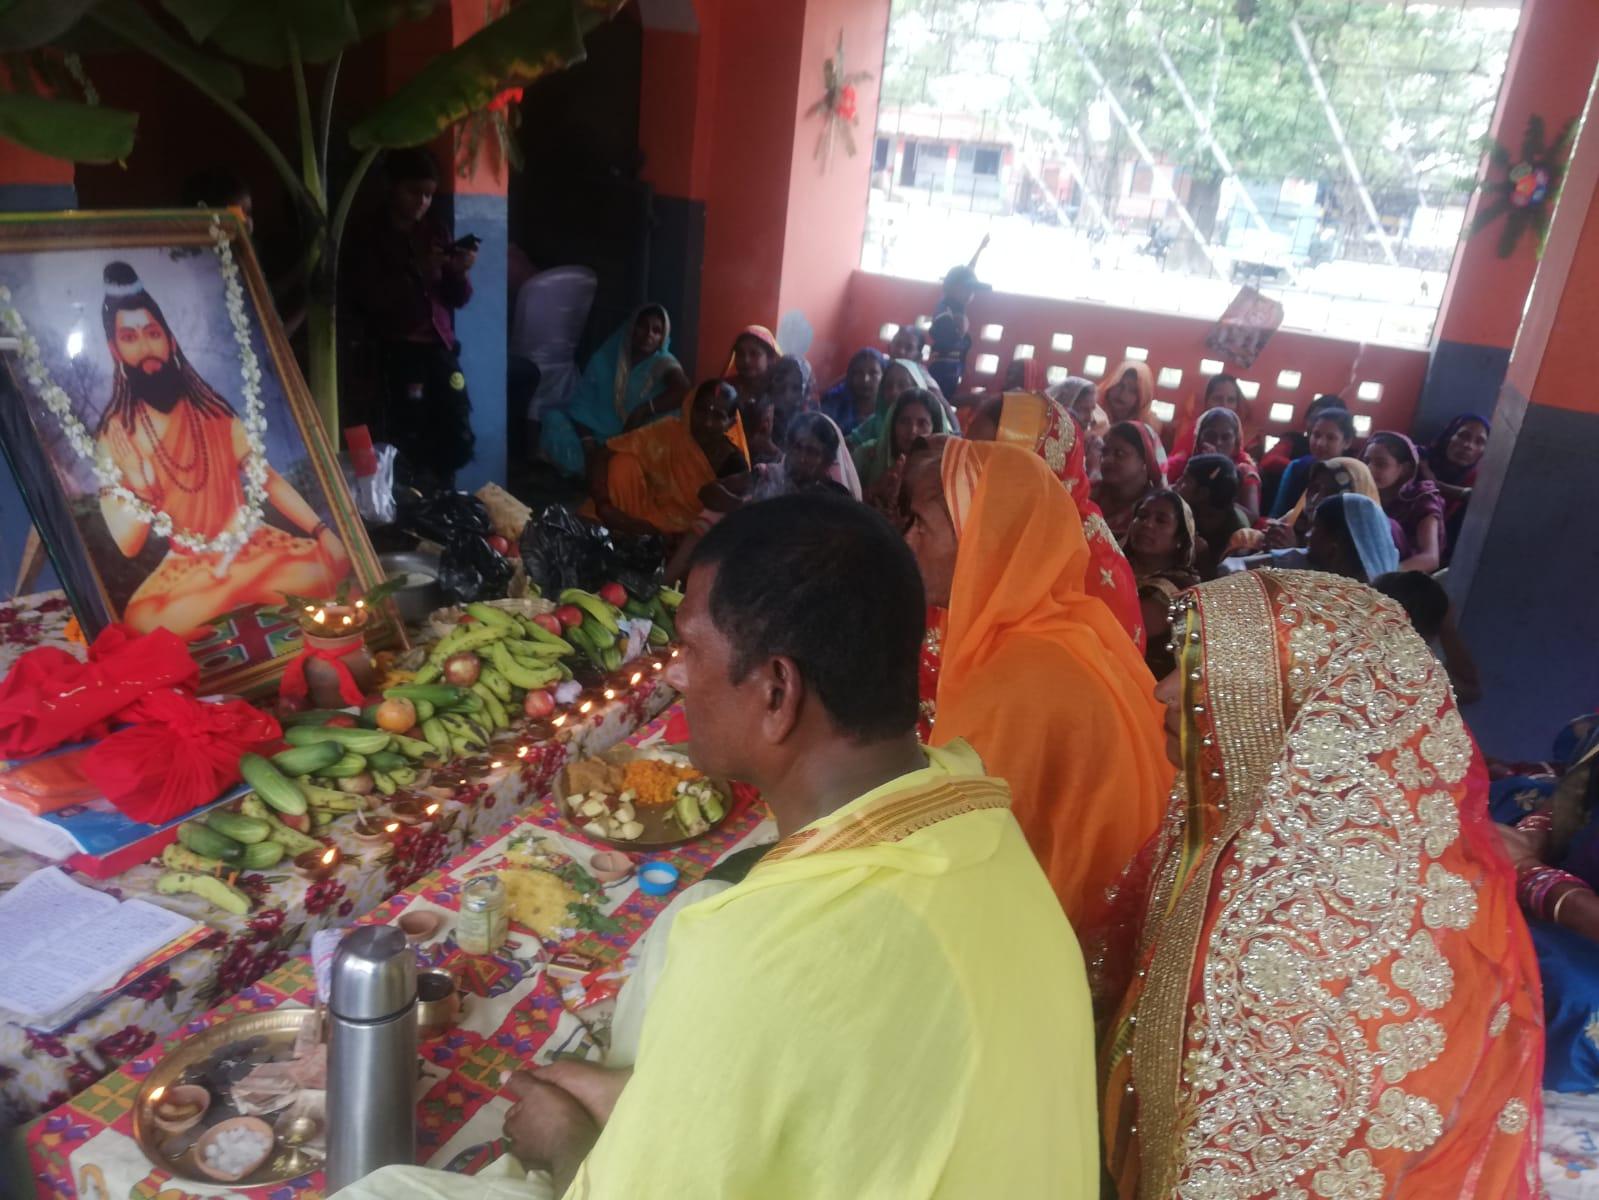 सिधवलिया के शेर में भगवान गणिनाथ की पूजा धूमधाम से की गई